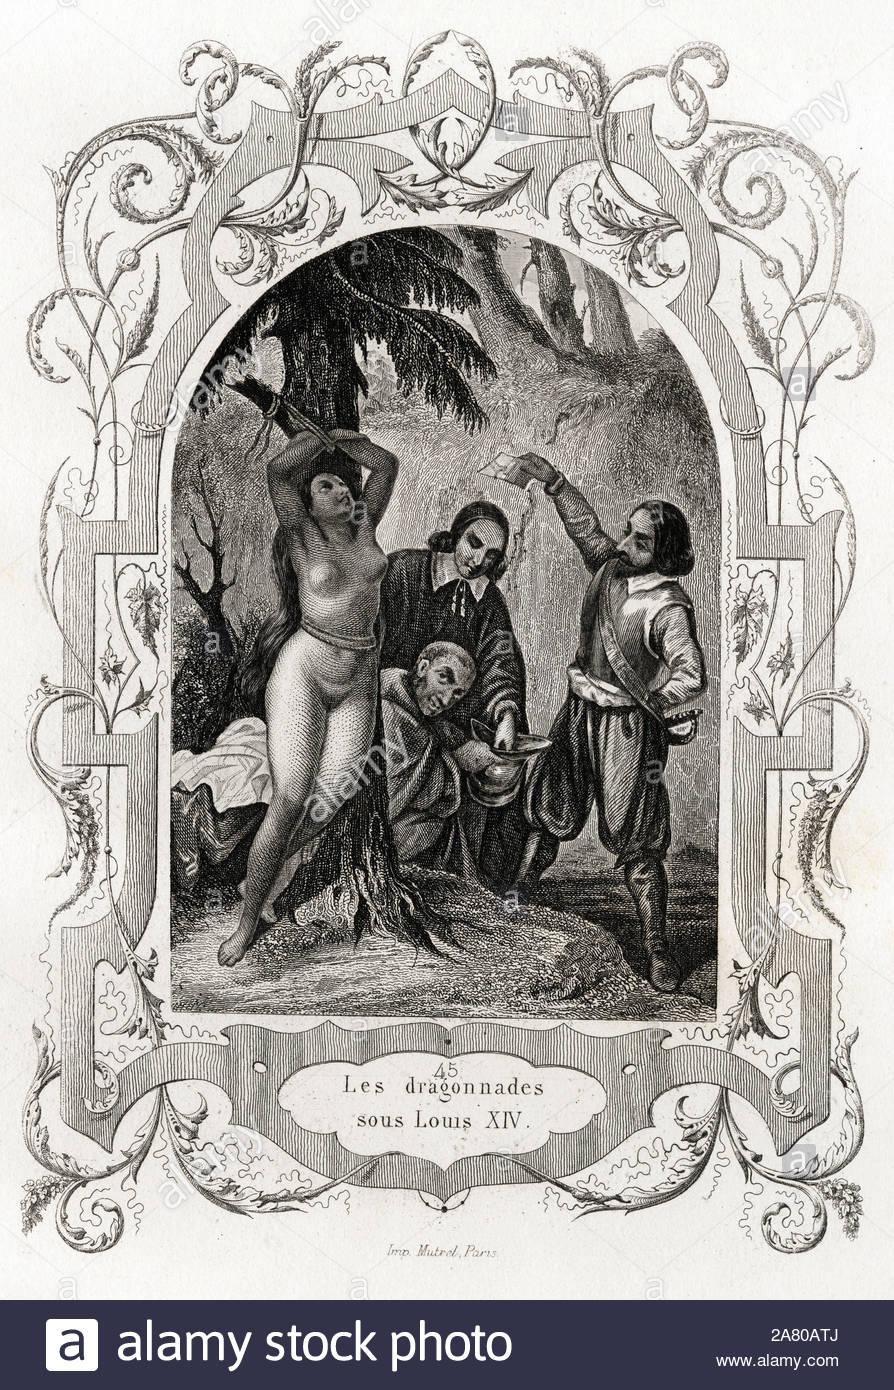 les-dragonnades-sous-louis-xiv-1643-1715-persecution-des-protestants-gravure-pour-illustrer-histoire-des-papes-par-maurice-lachatre-1814-1900-2A80ATJ